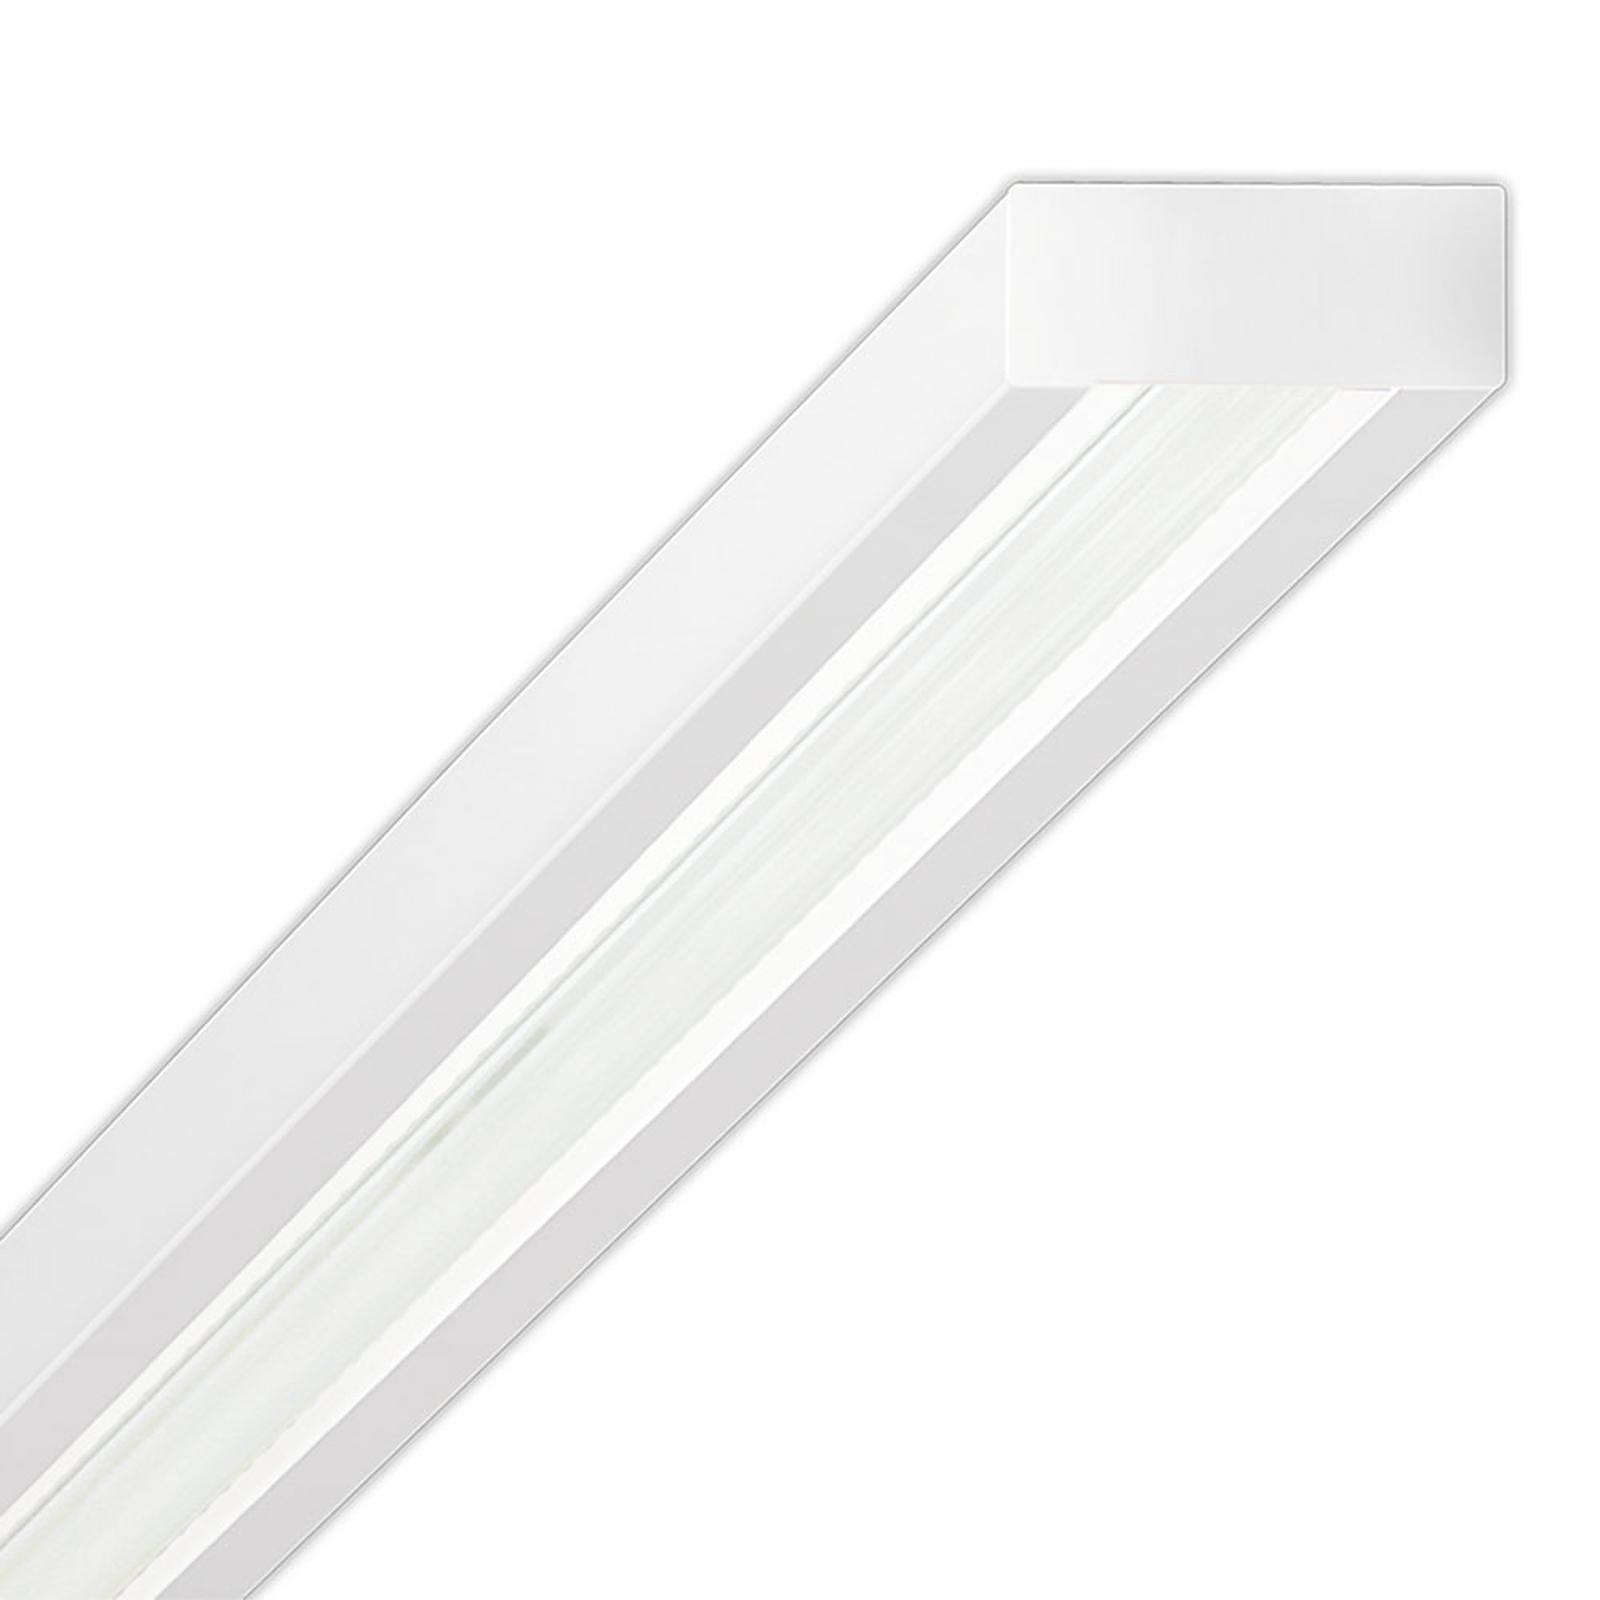 LED-Deckenleuchte procube-CUAWF/1500-1 Fresnel